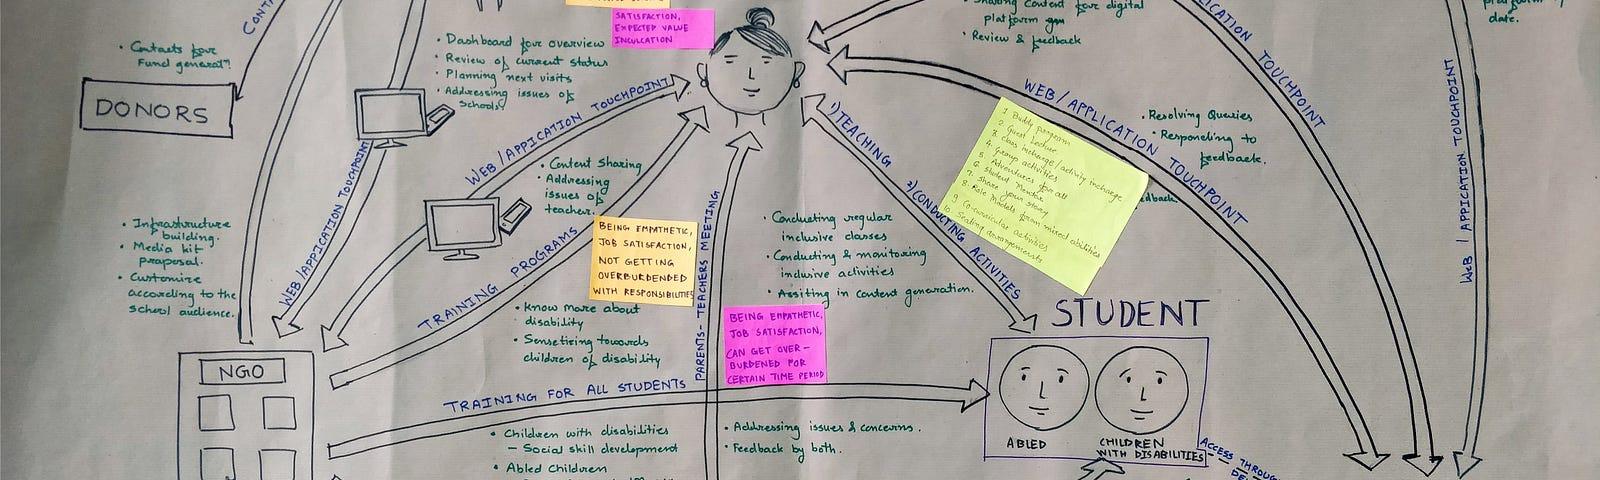 exploring sustainability experience documentation